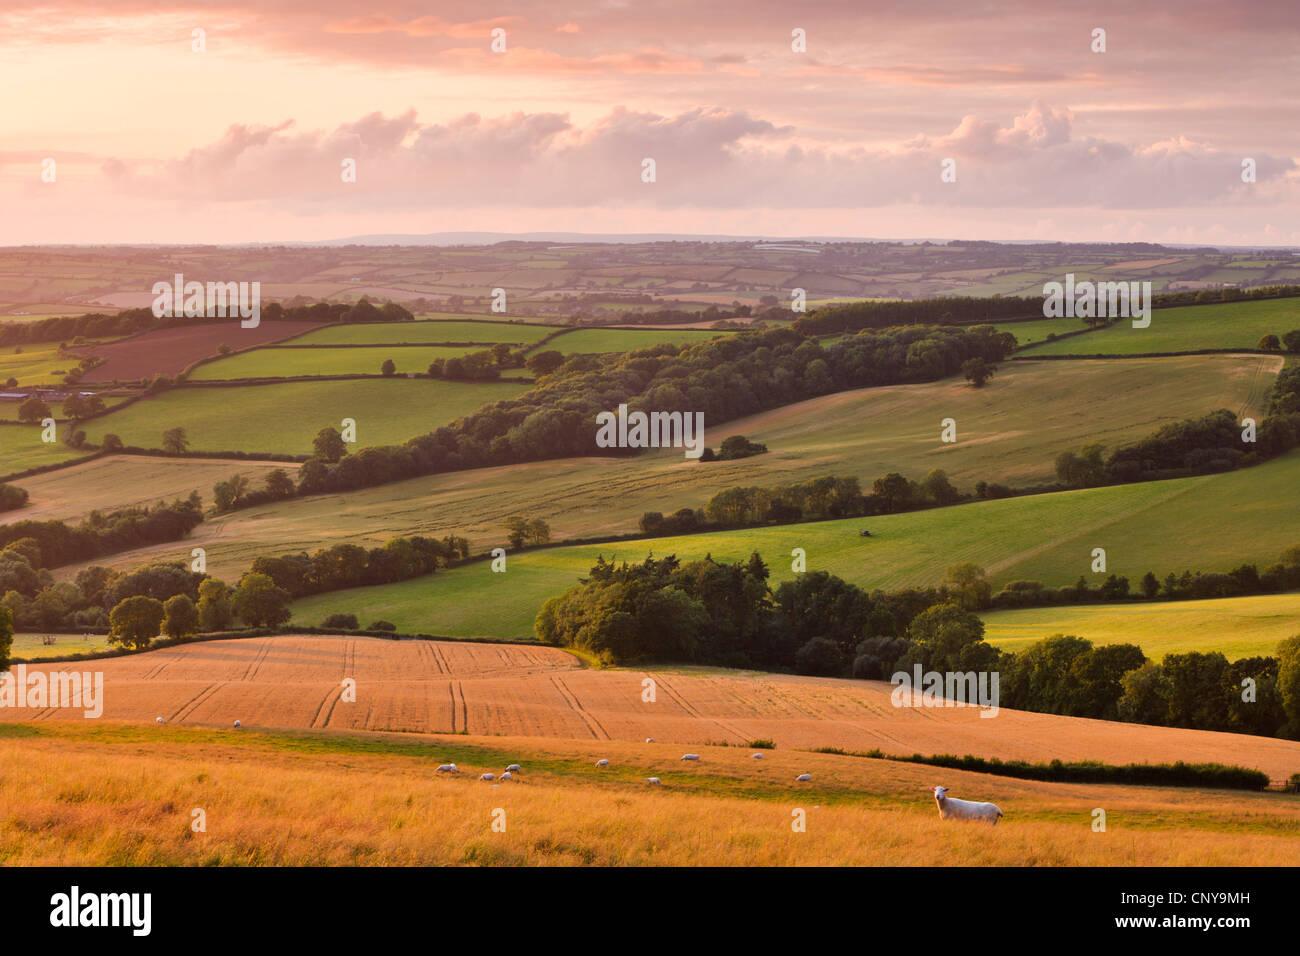 Pecore al pascolo e campi di raccolto vicino Stockleigh Pomeroy, metà Devon, Inghilterra. In estate (Luglio) Immagini Stock